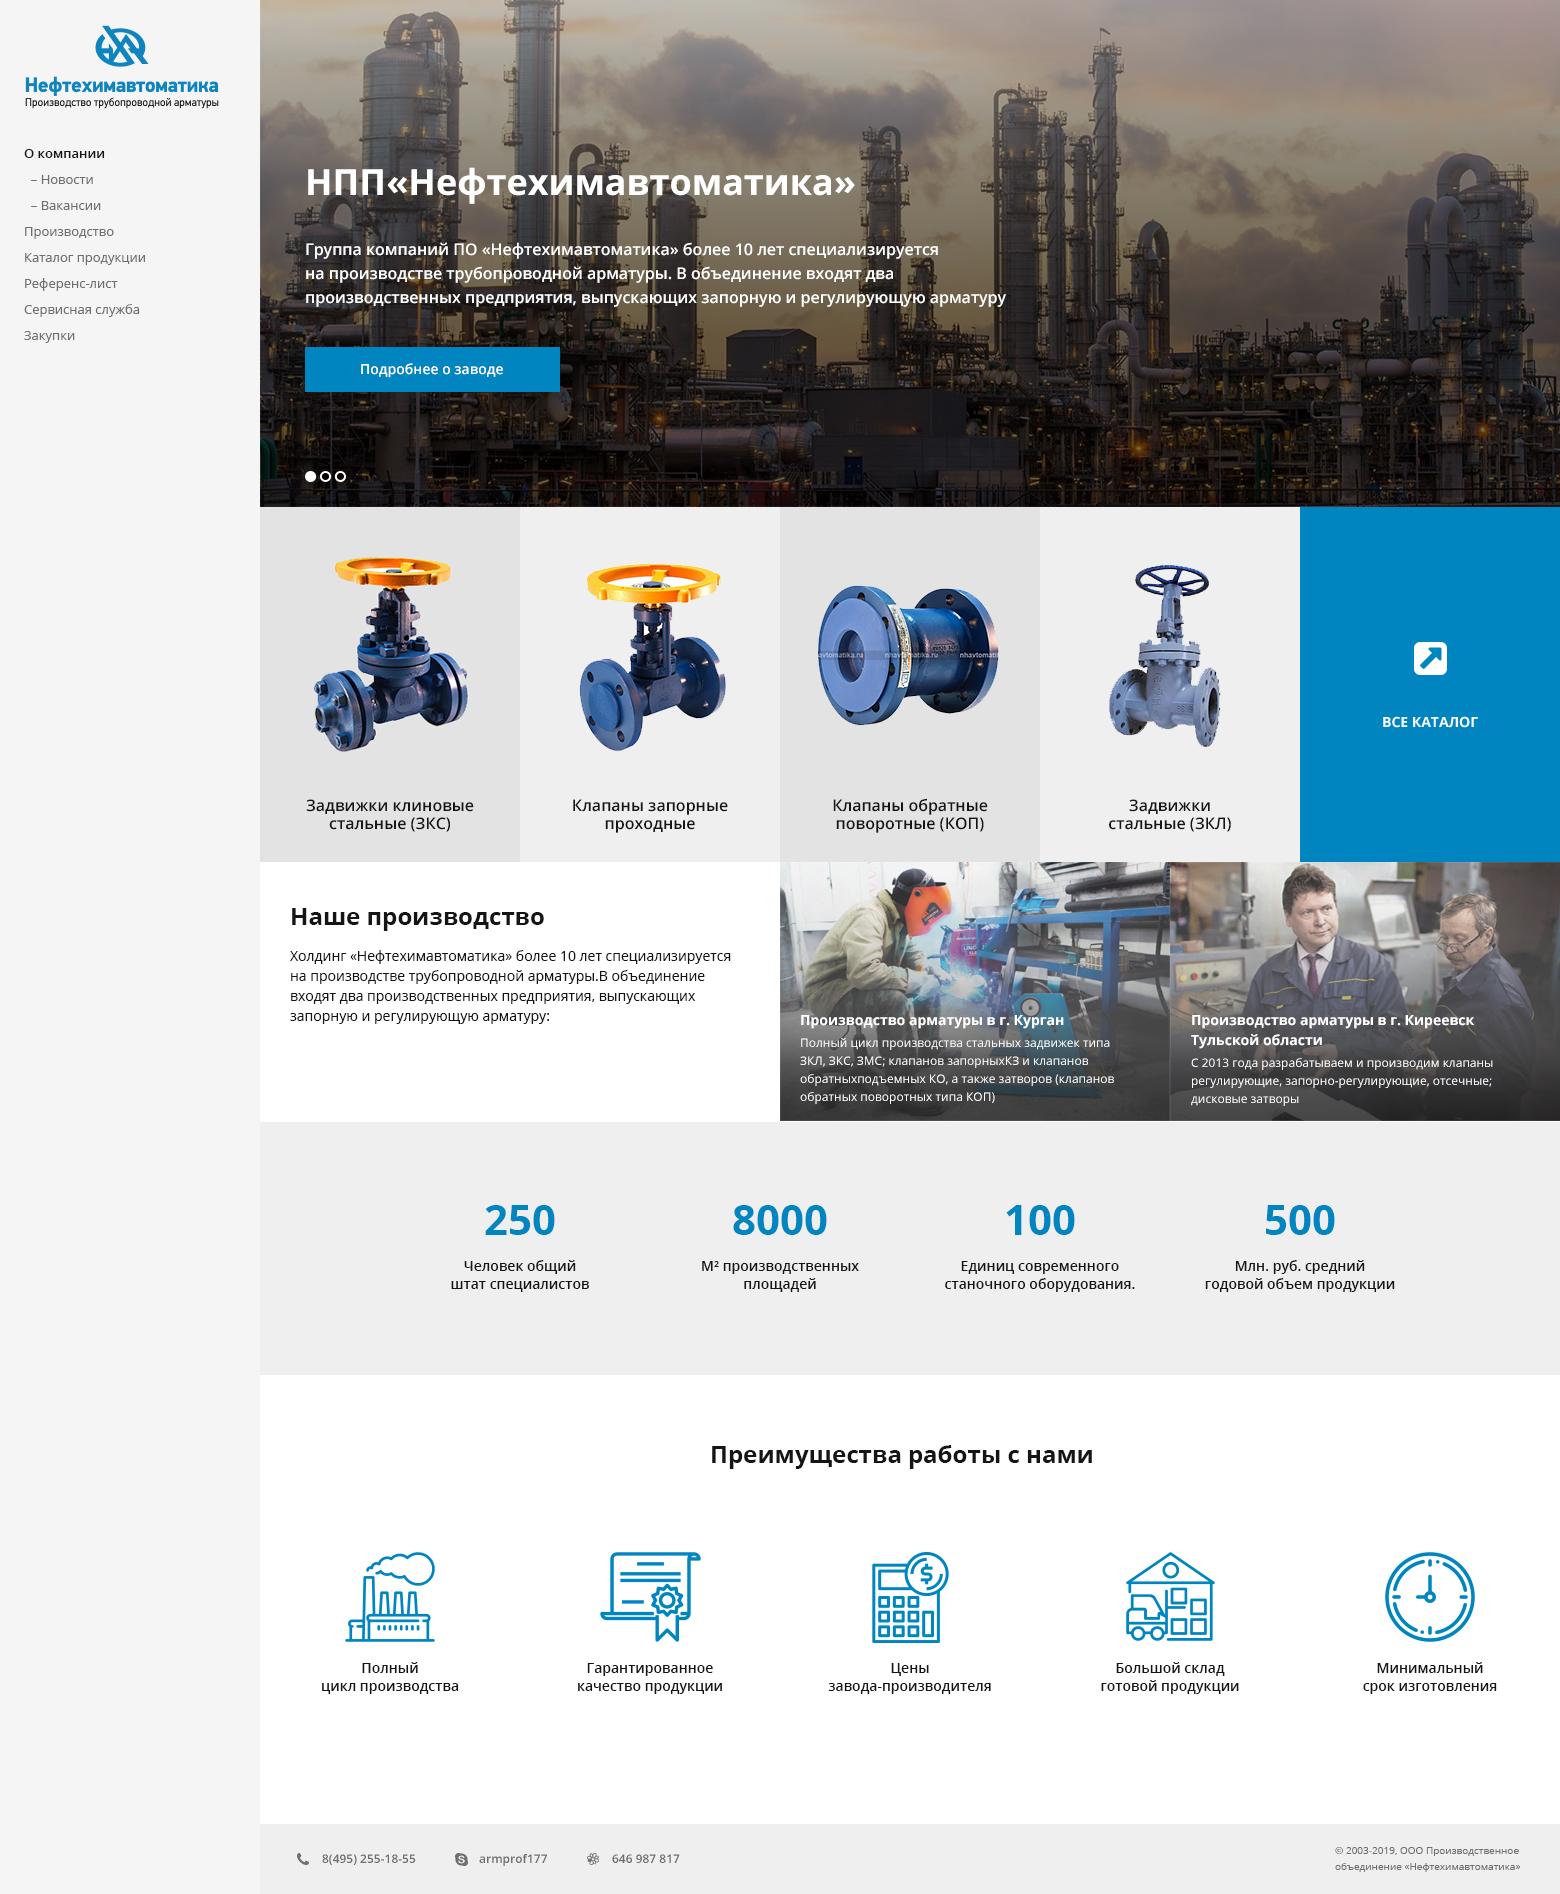 Внимание, конкурс для дизайнеров веб-сайтов! фото f_8455c6165753952d.jpg